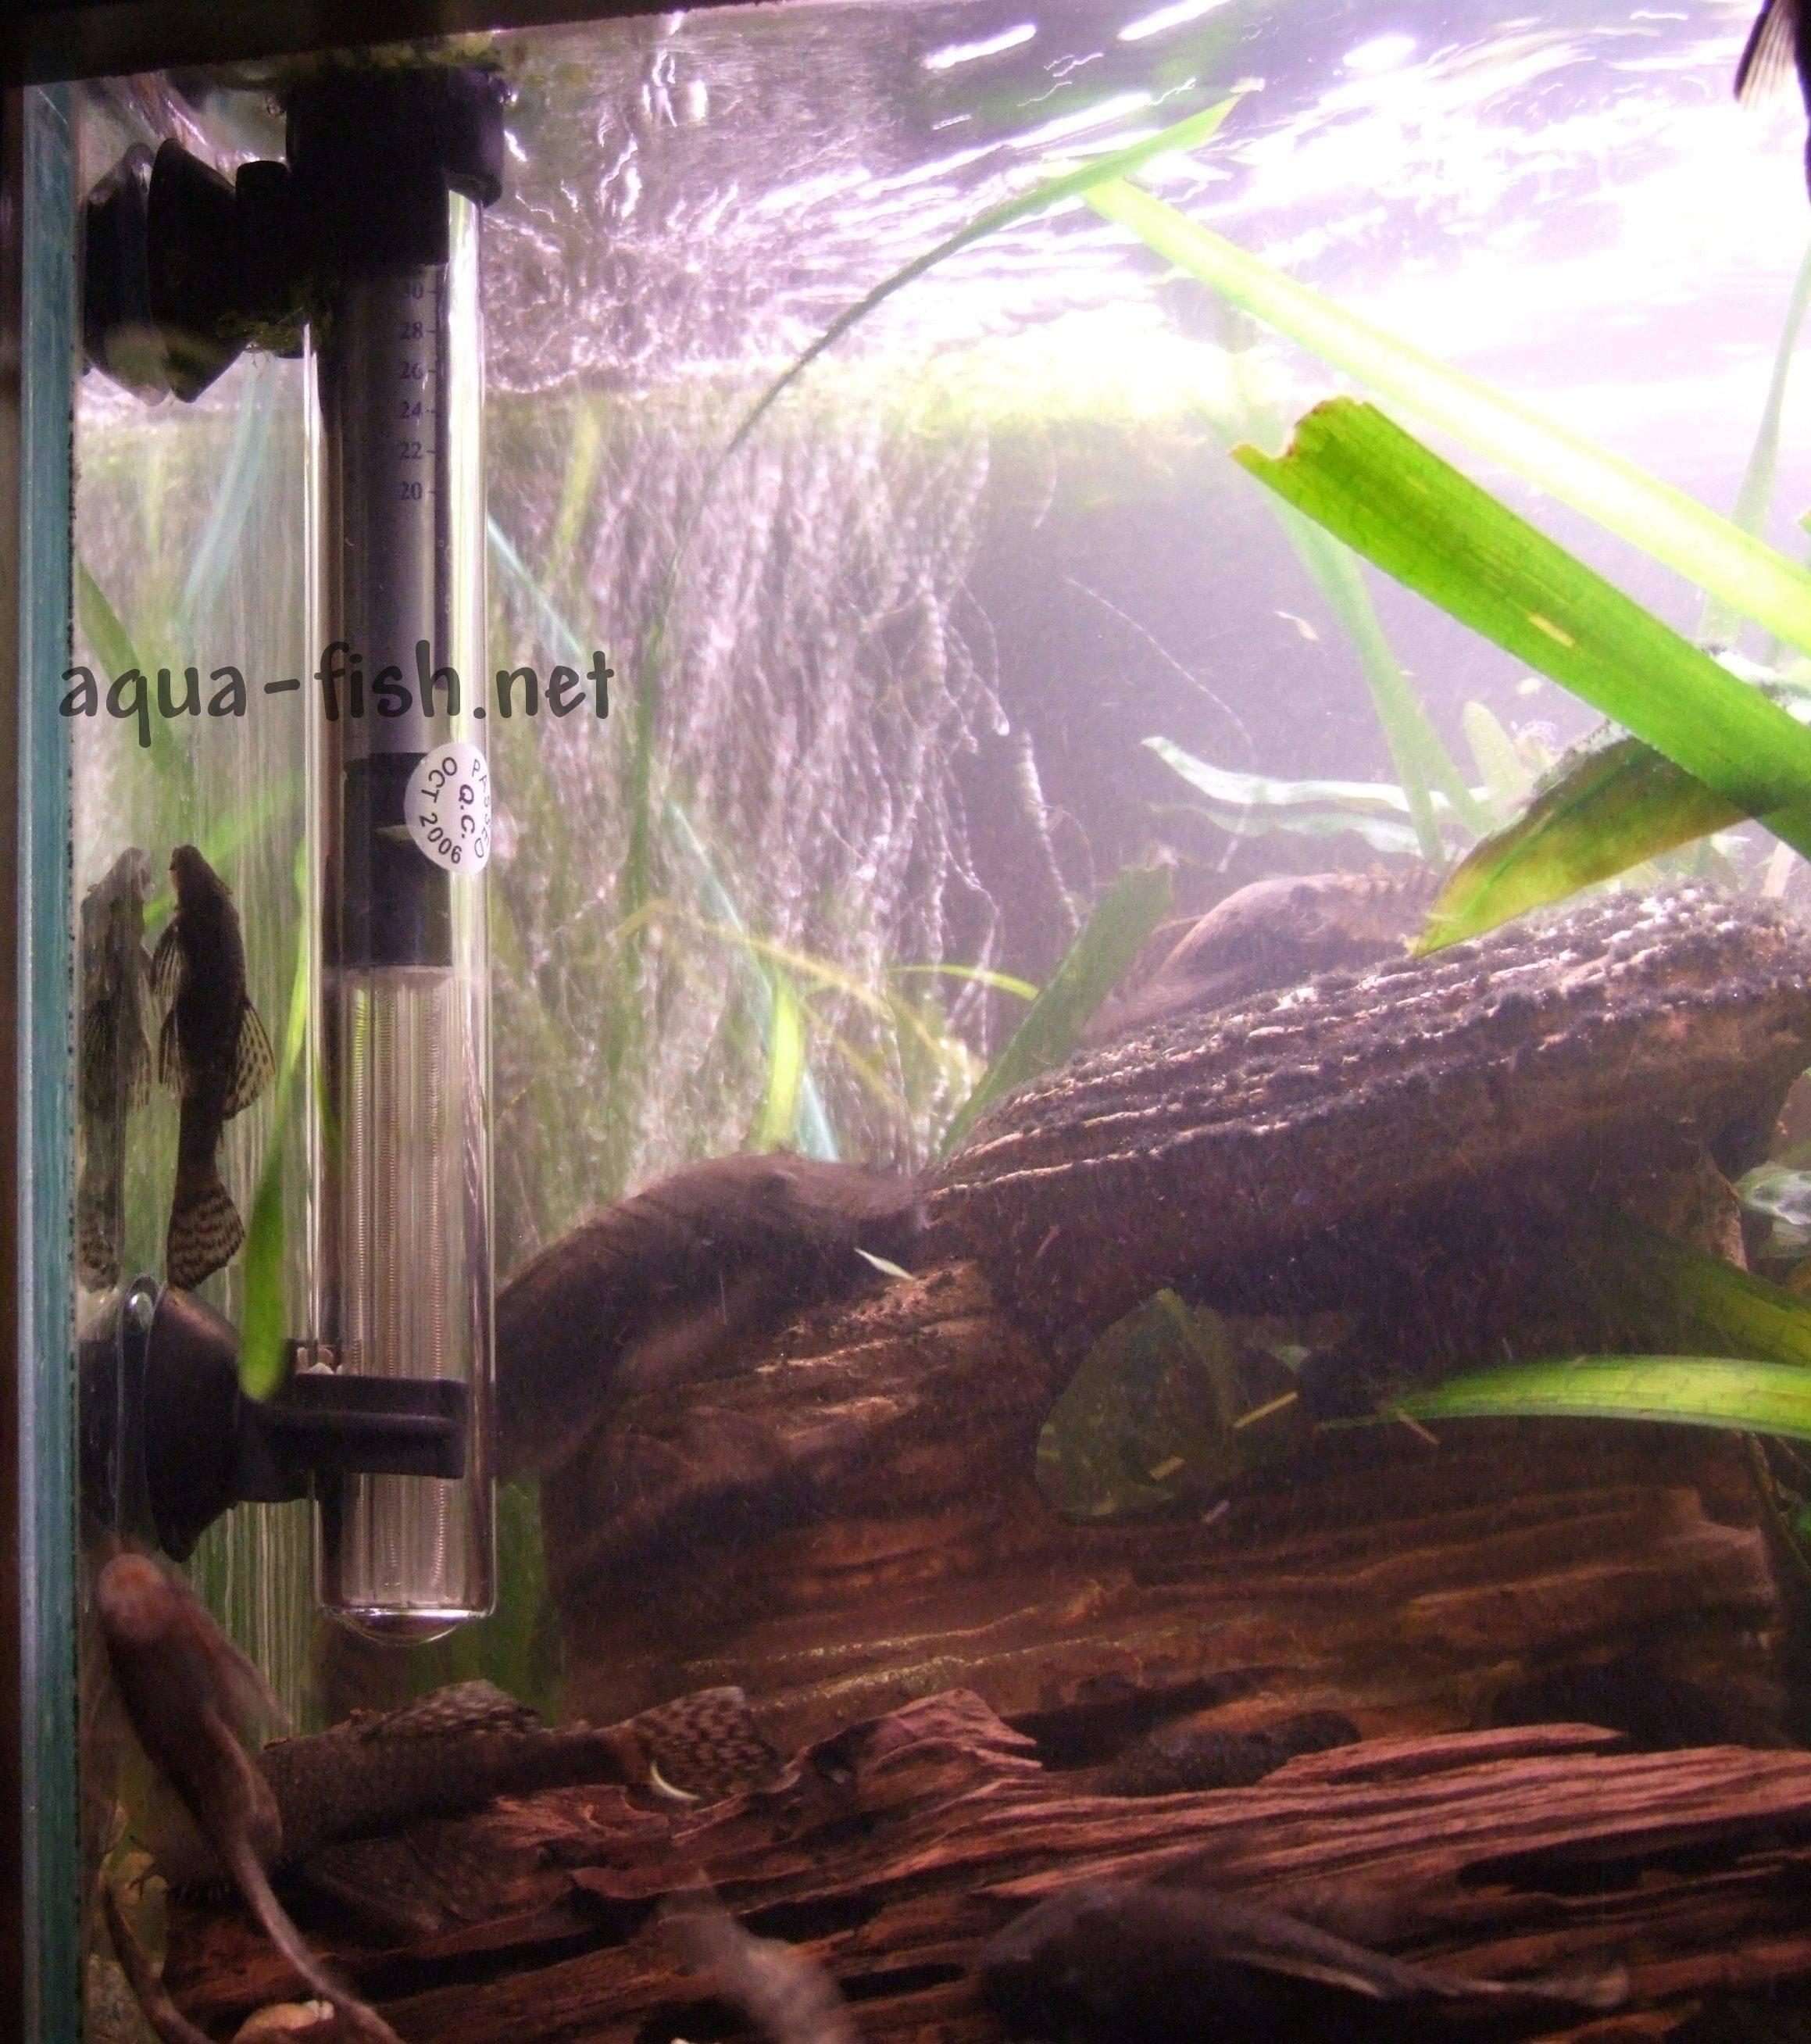 Appareil De Chauffage Pour Aquarium De Poissons